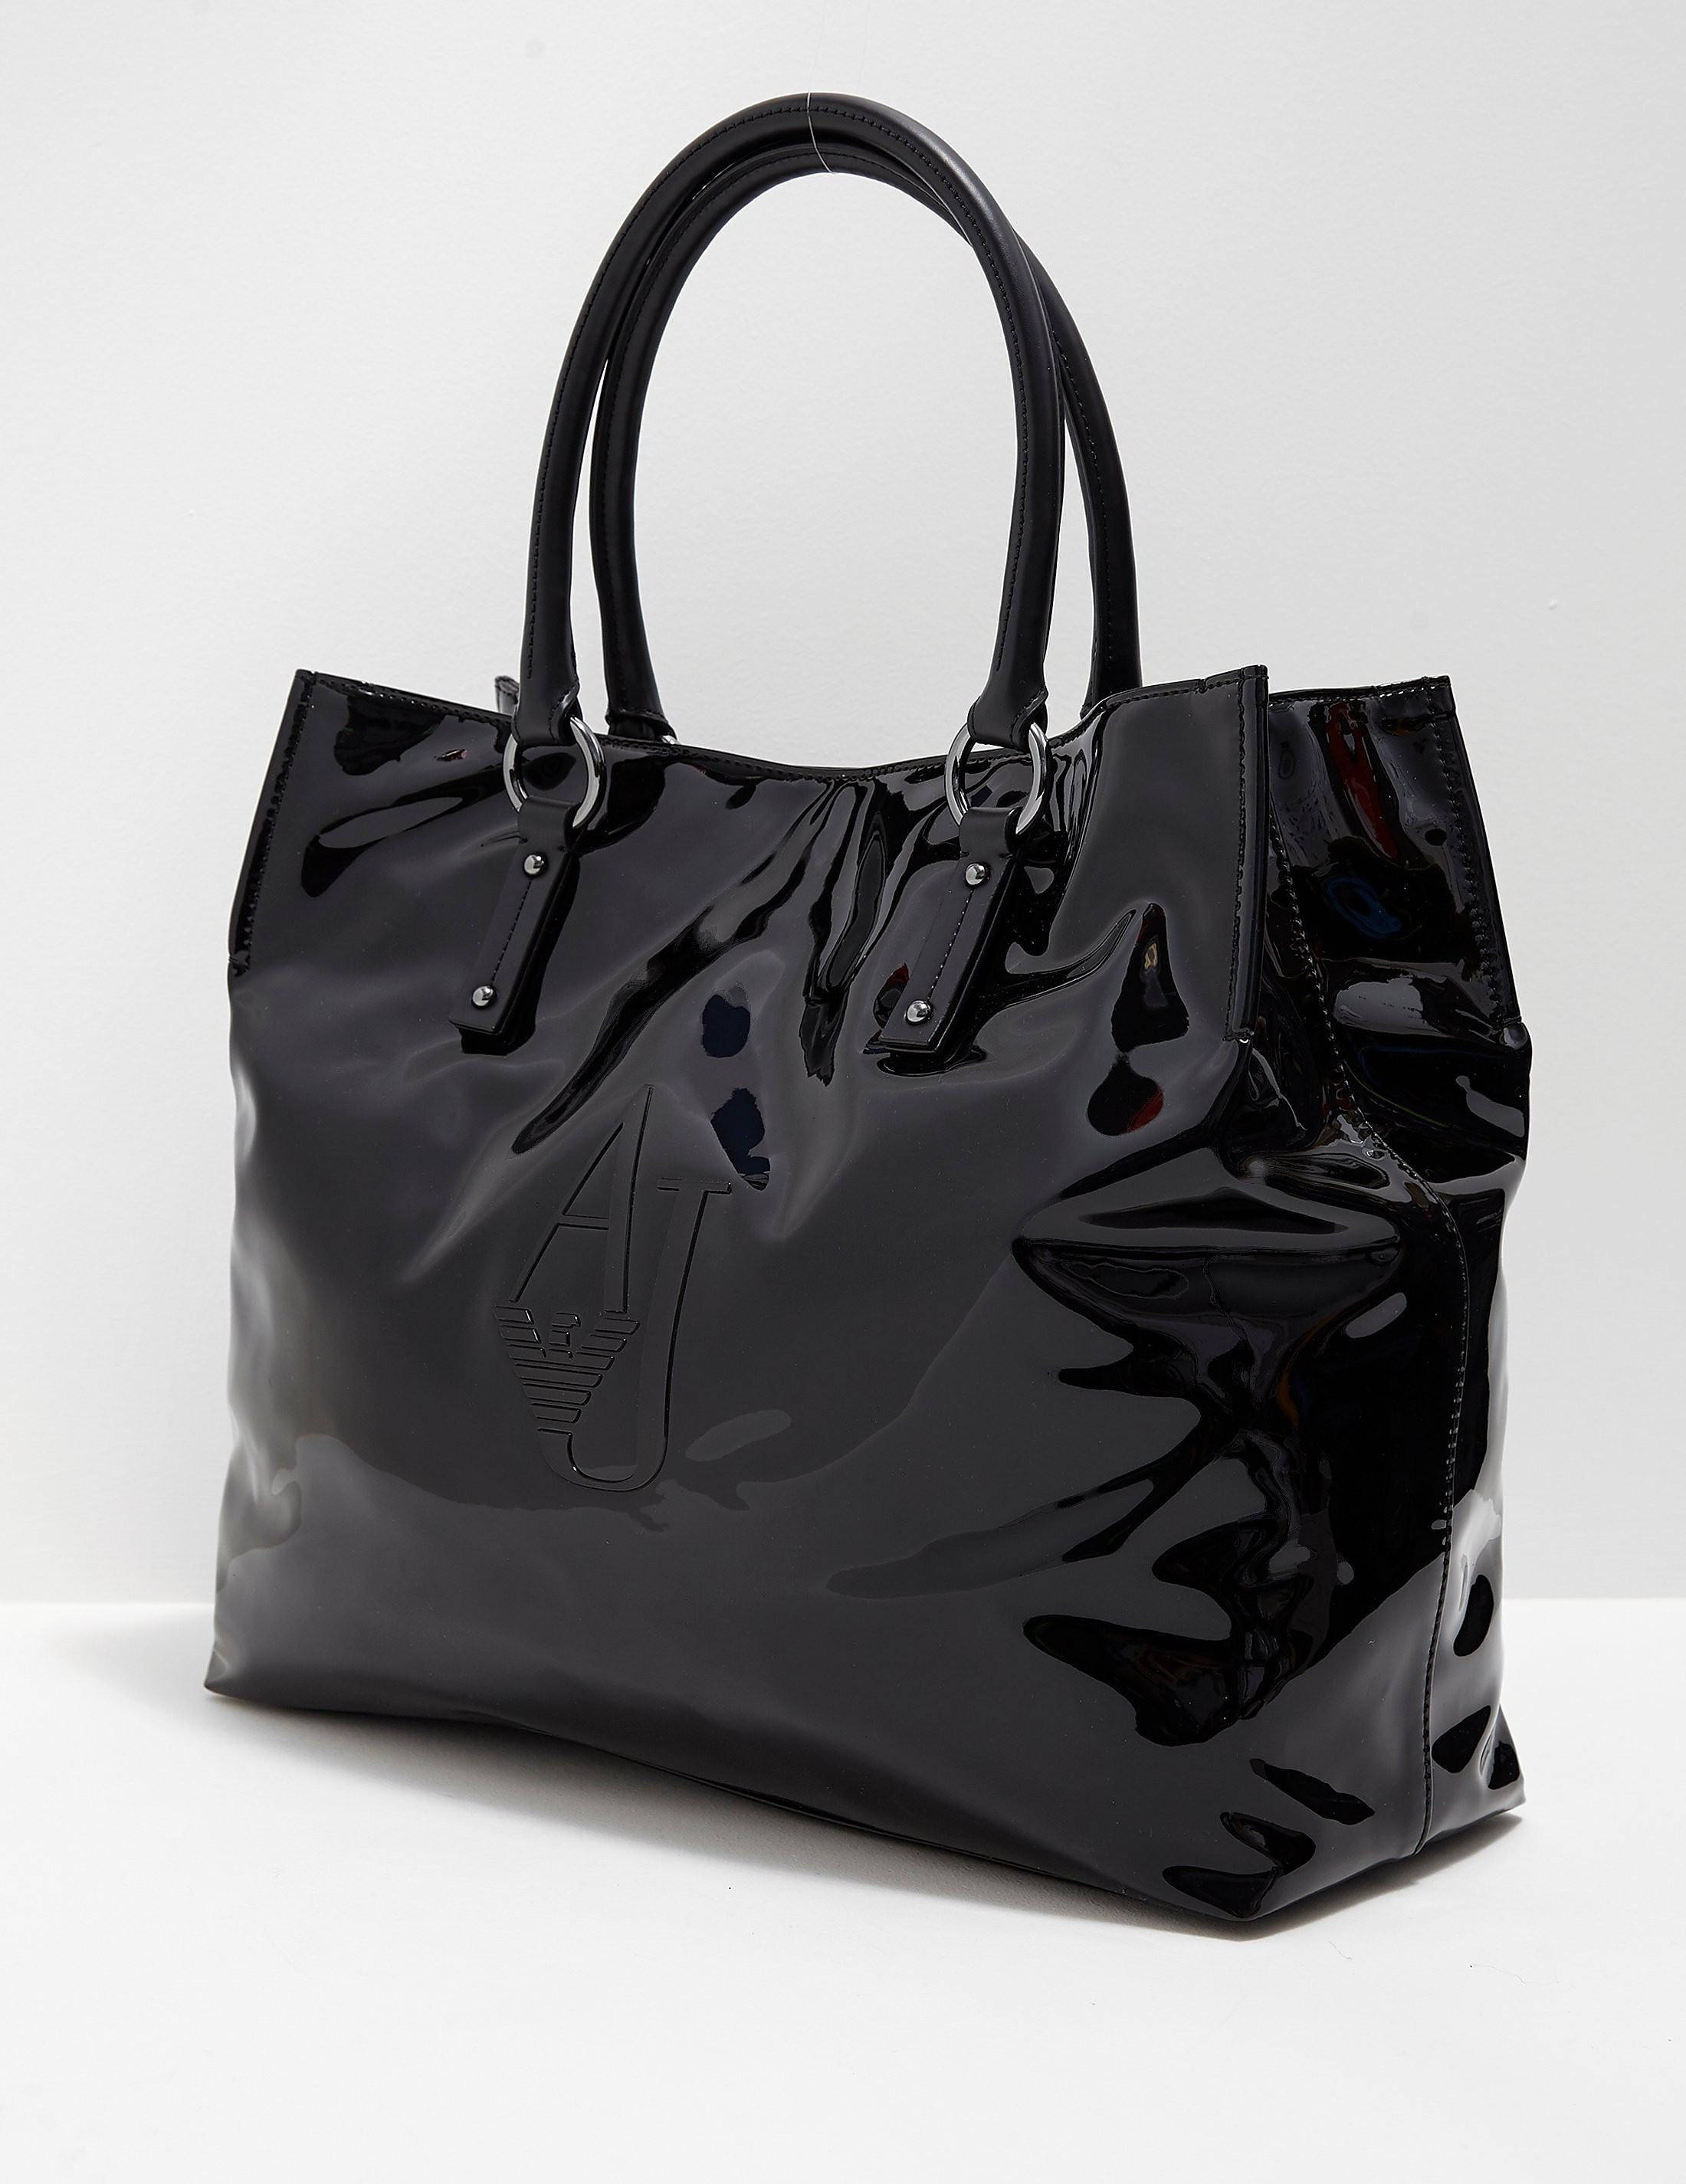 Armani Jeans Large Shopper Bag